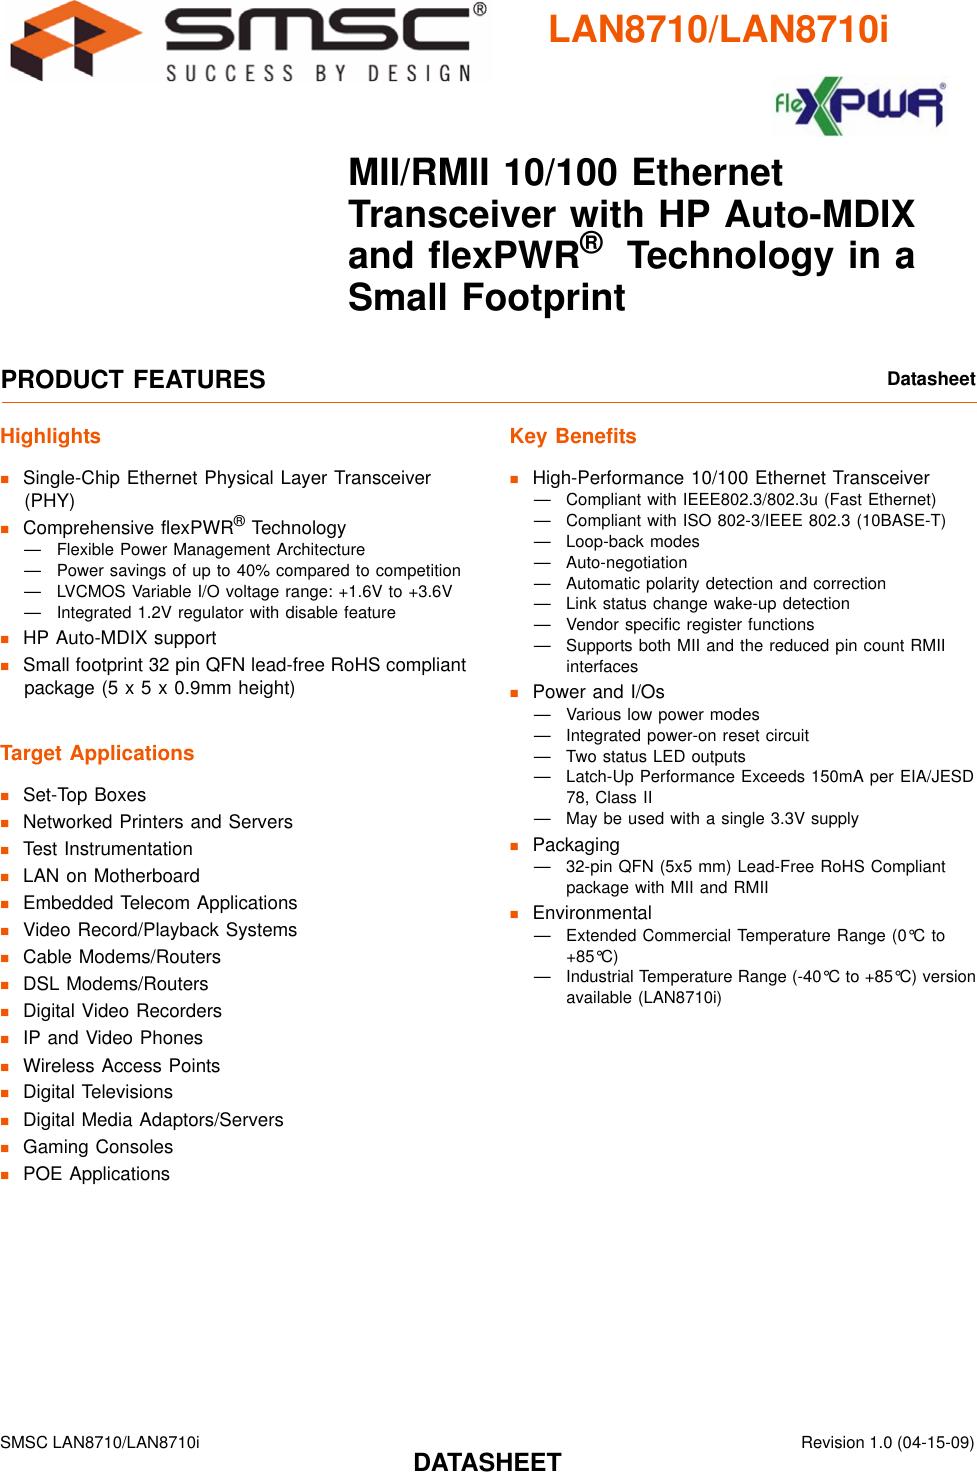 Ethernet Controller QFN 3.5 V 100 Mbps IEEE 802.3 3.1 V 32 Pi IEEE 802.3u